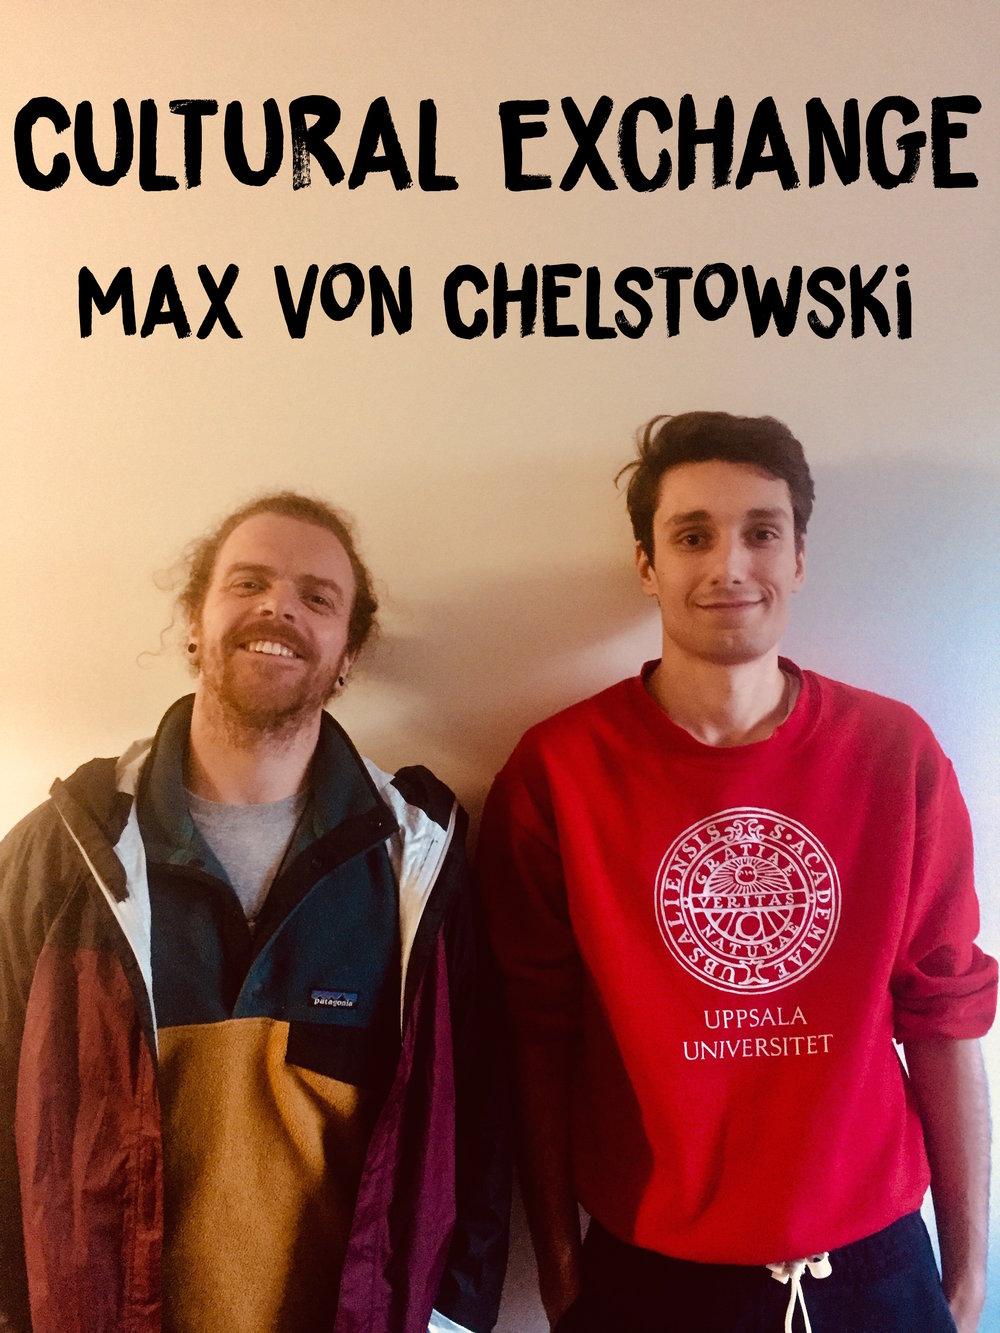 Max Von Chelstowski